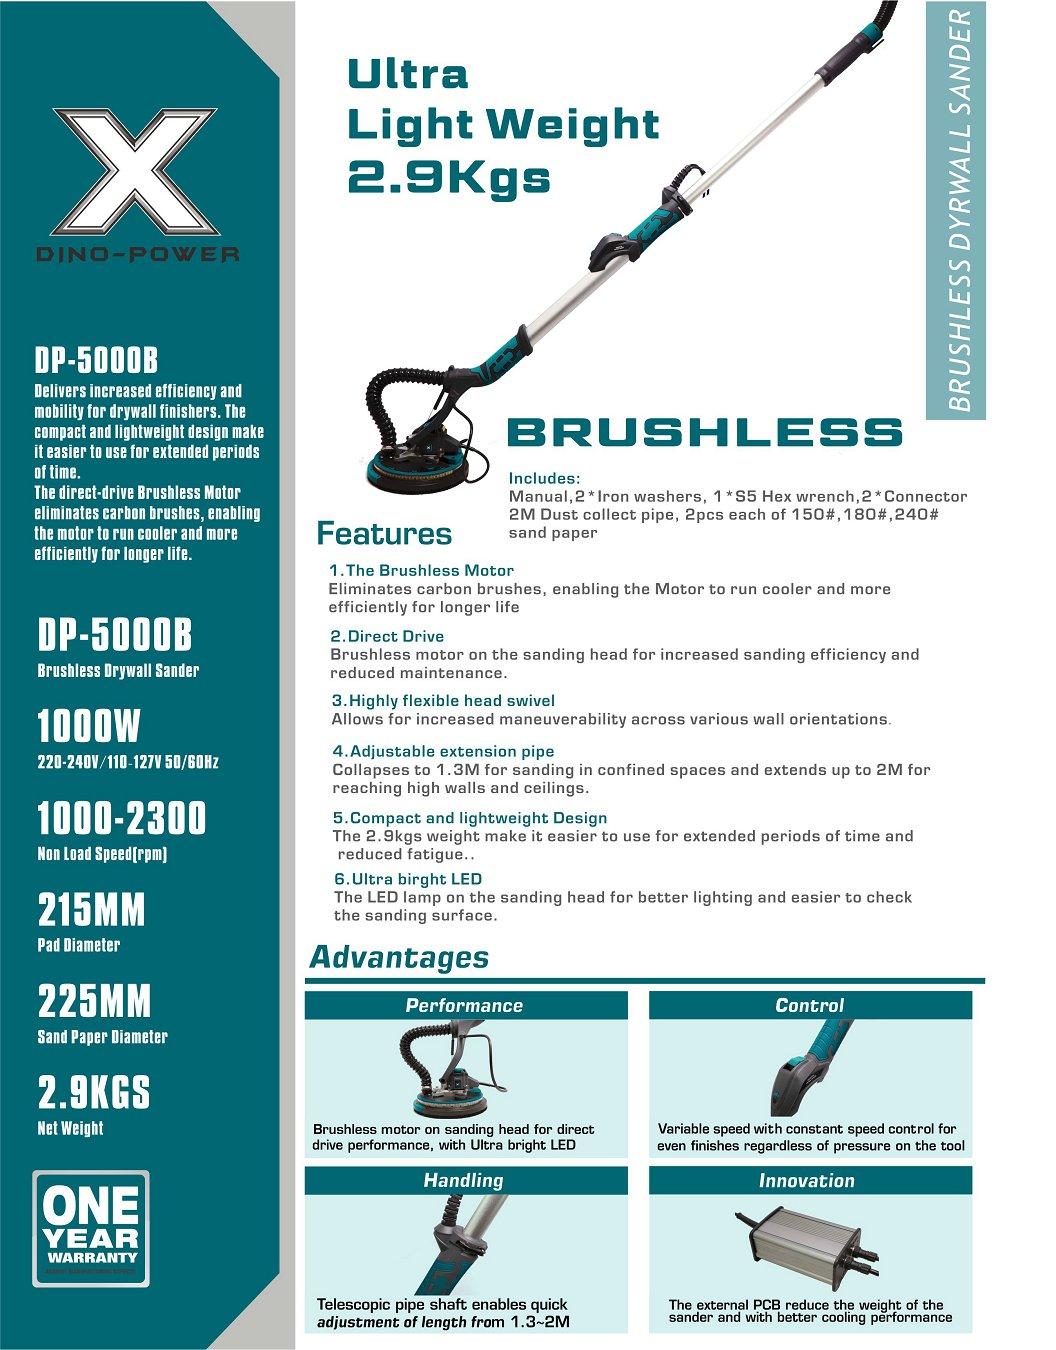 DP-5000B brushless drywall sander